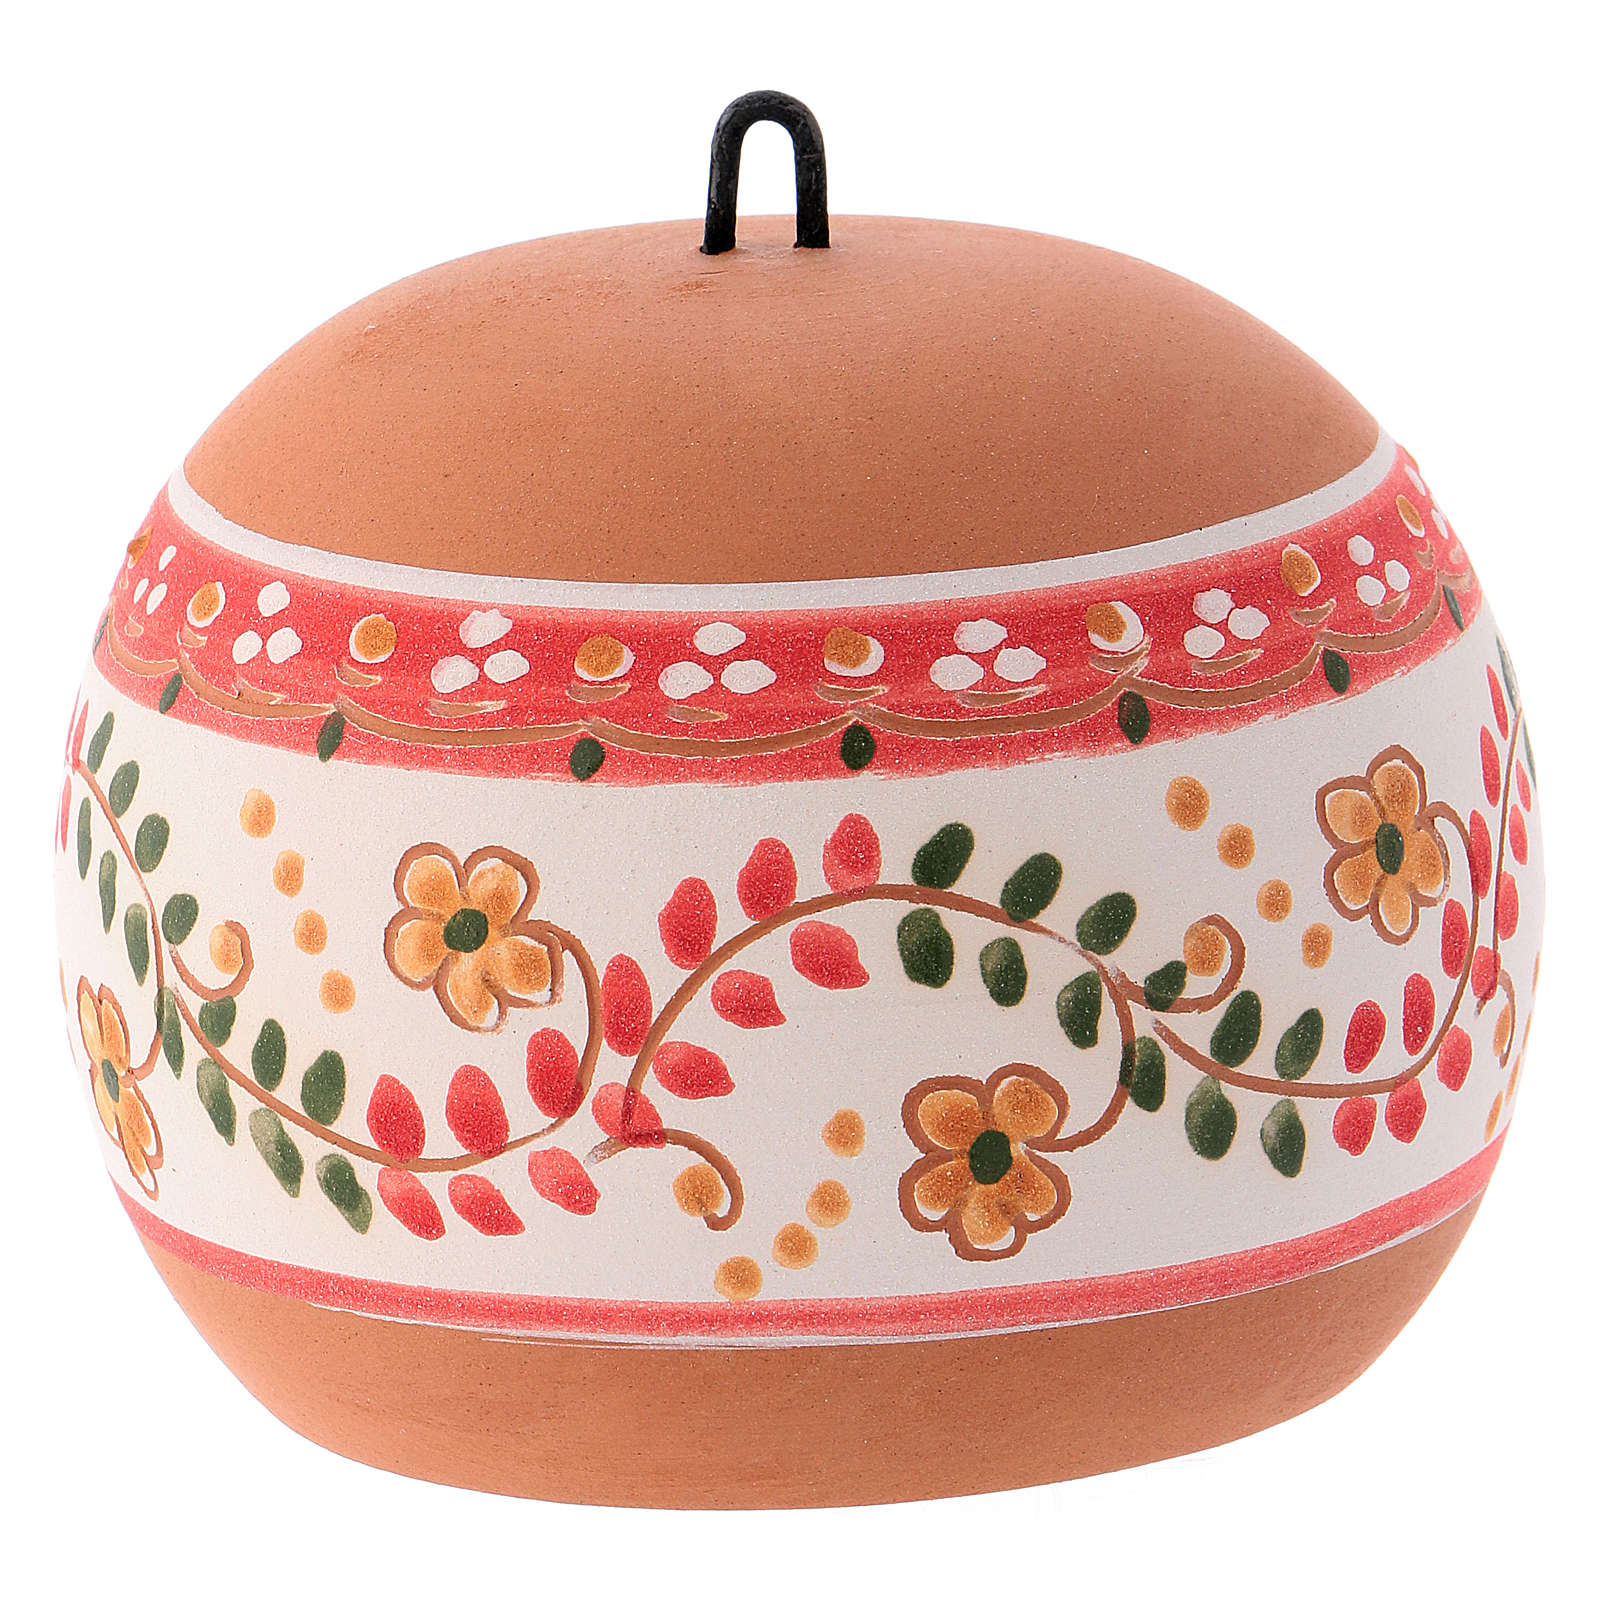 Bola cerámica coloreada Deruta estilo country abierta natividad motivos rojos 100 mm 4